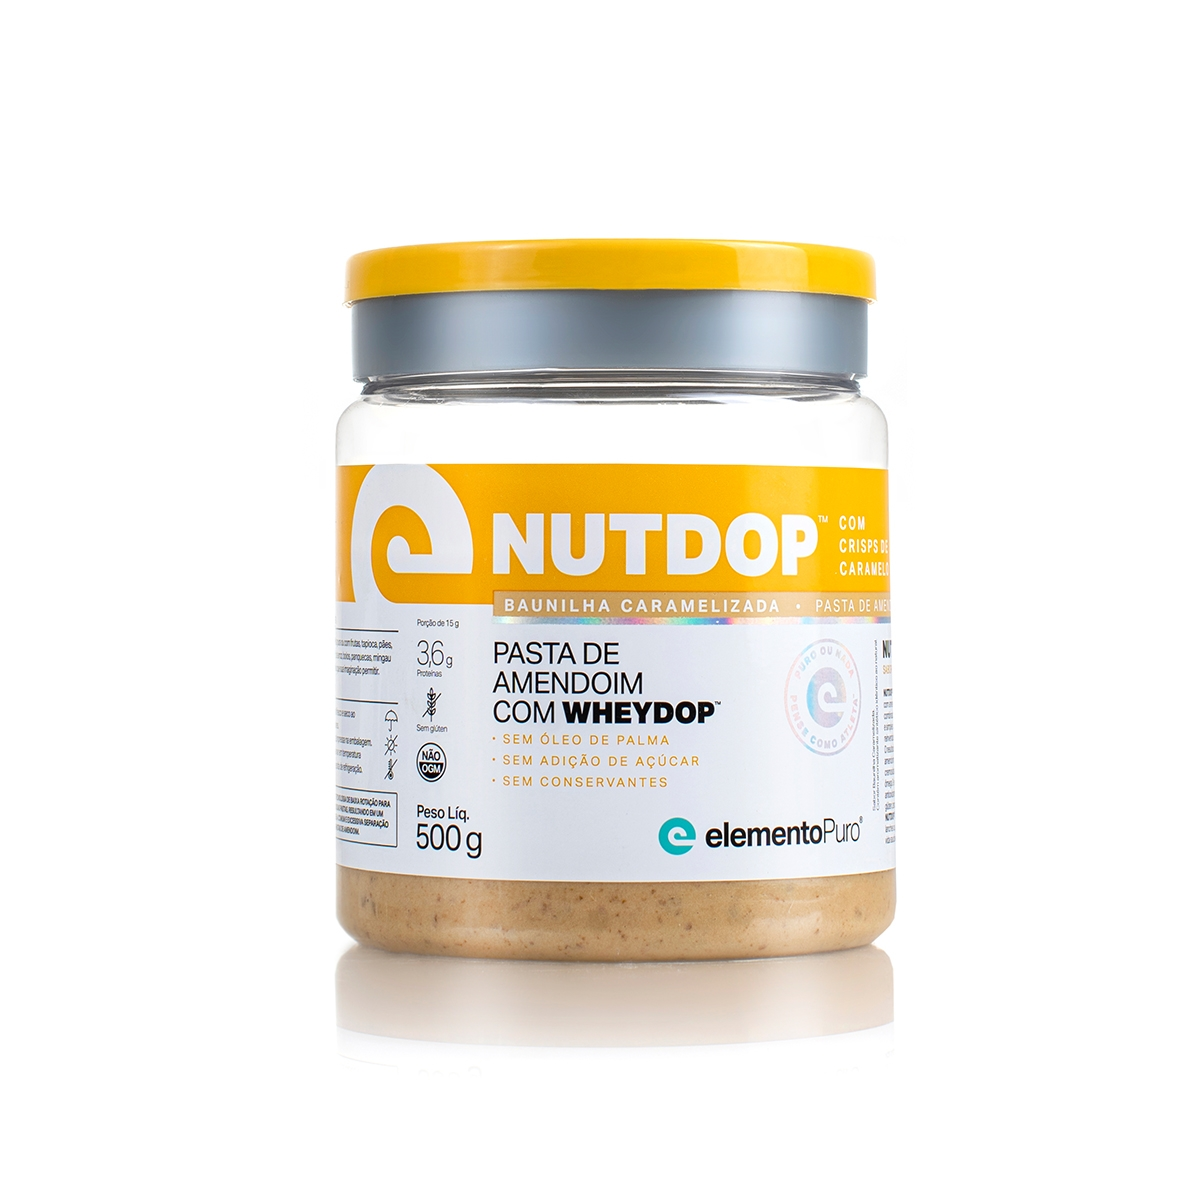 NUTDOP 500 g